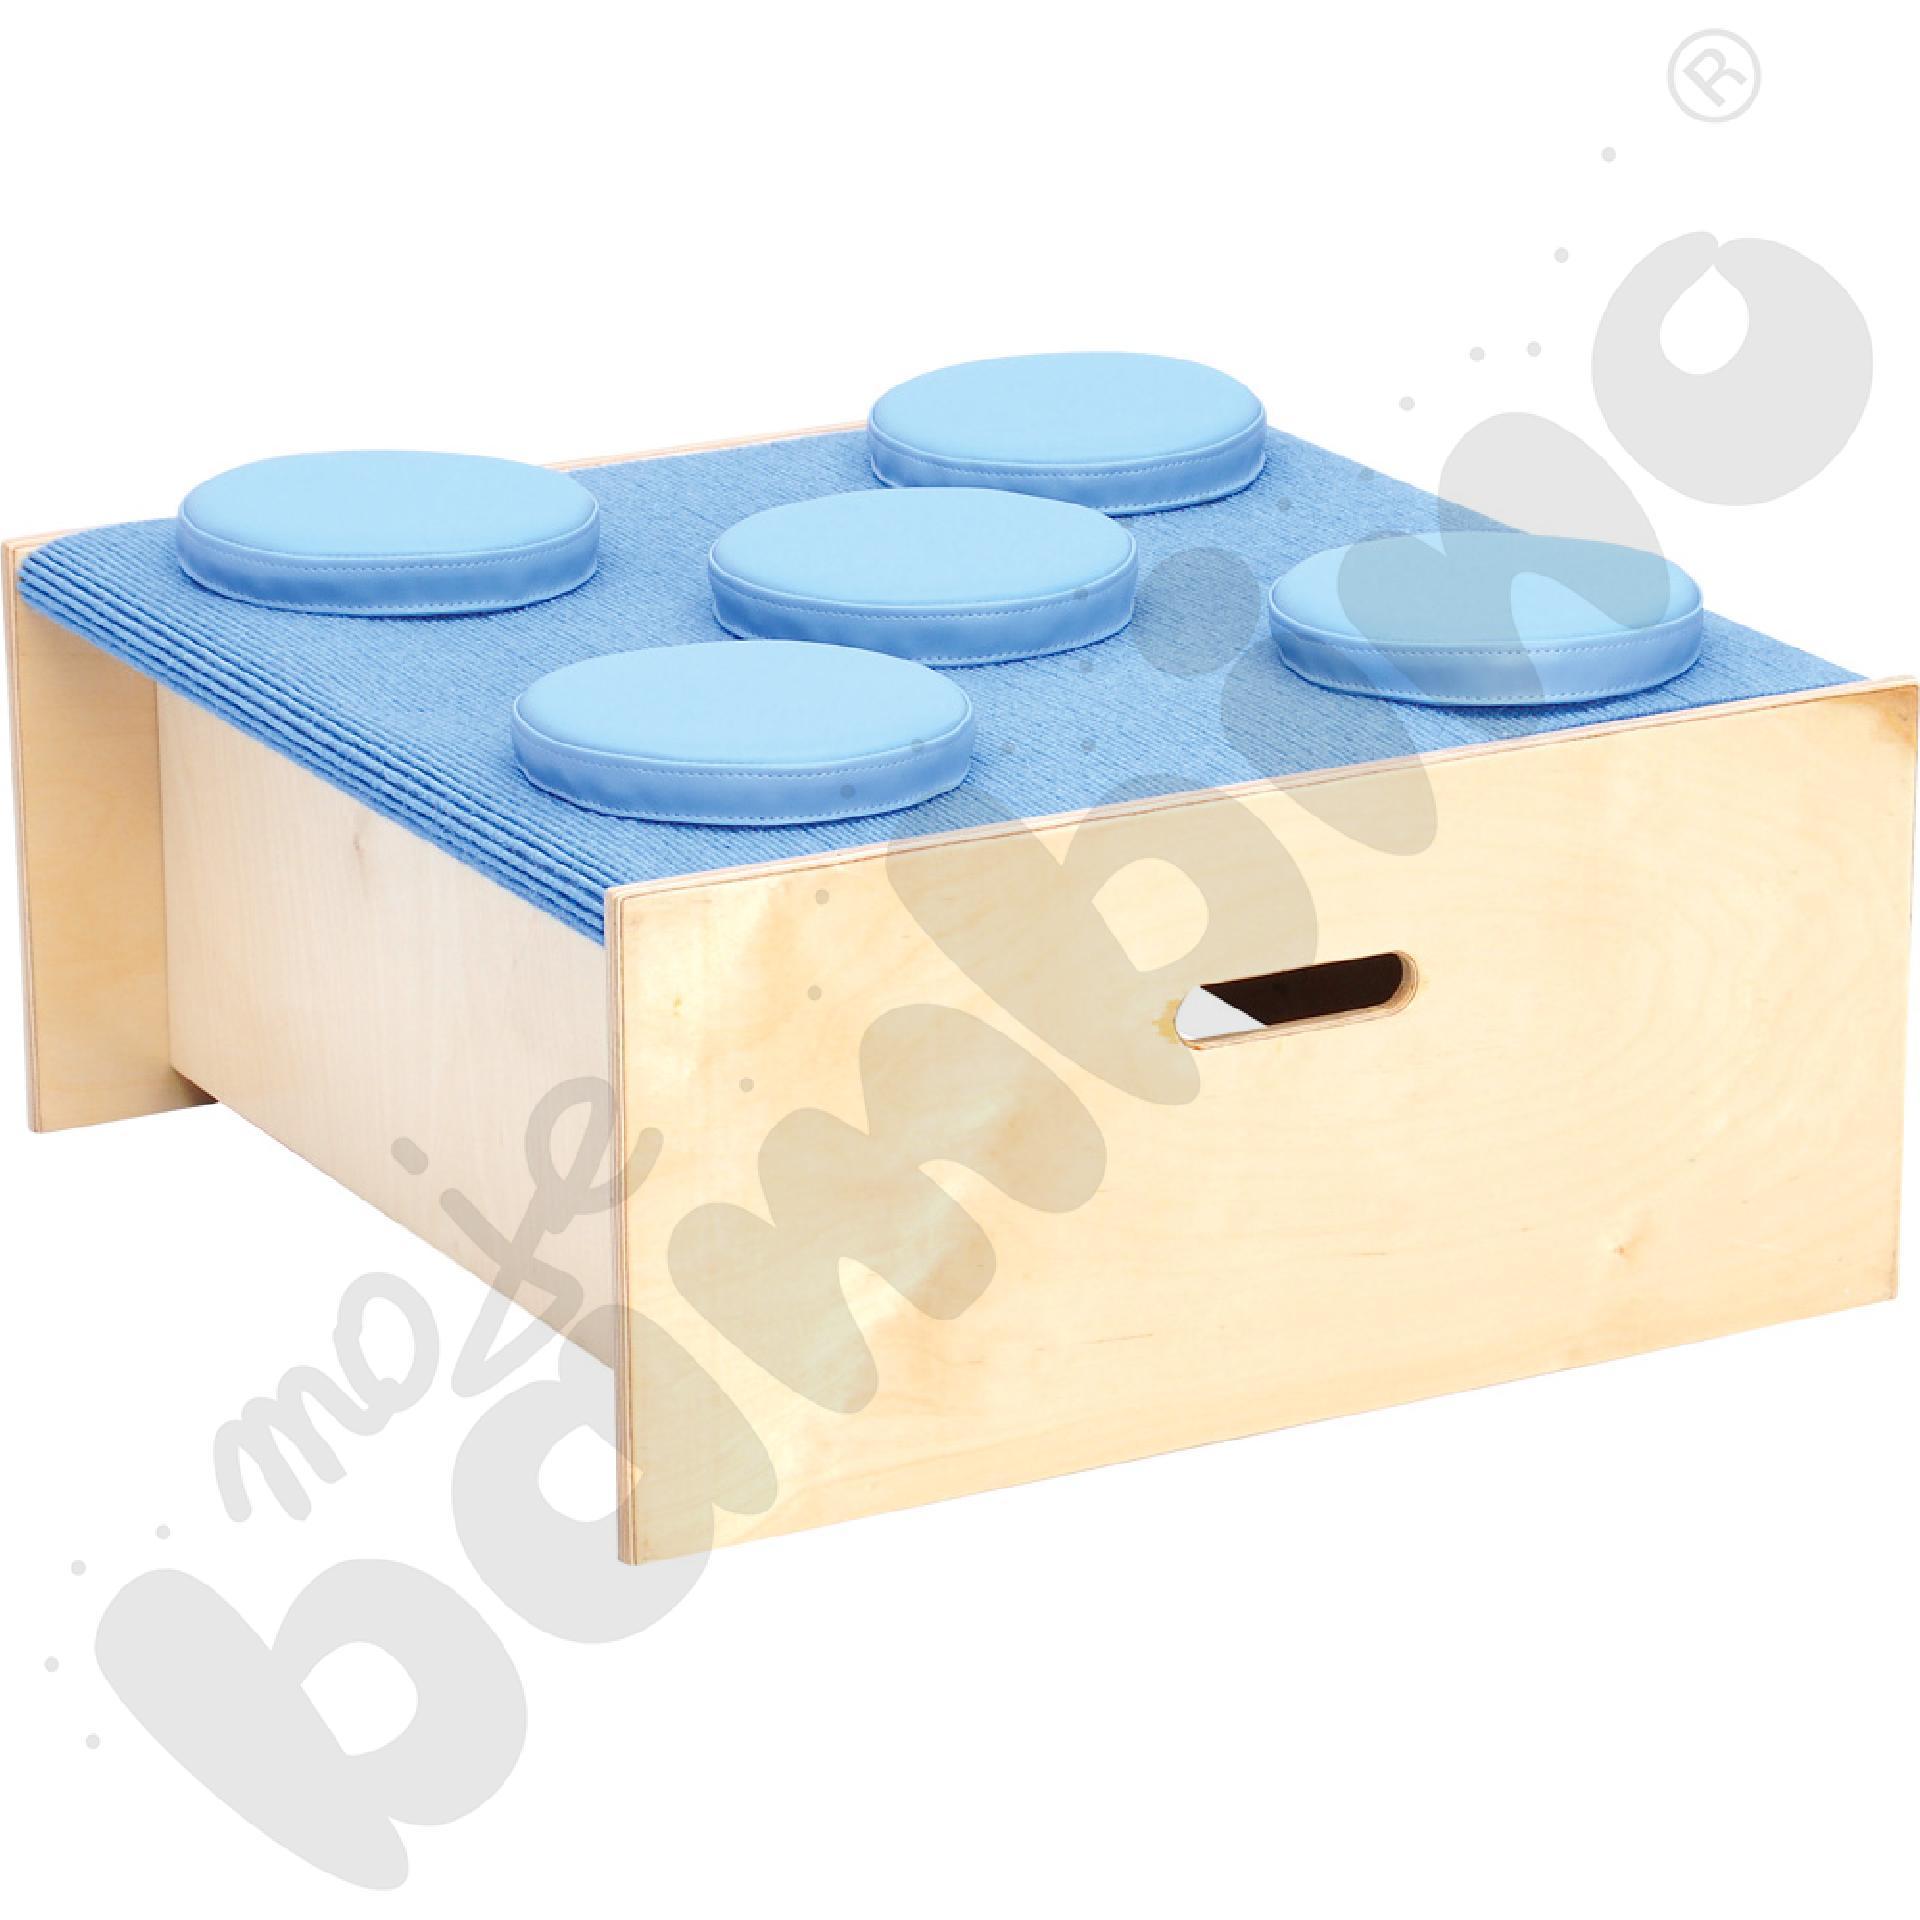 Podest kwadrat - wys. 30 cm jasnoniebieski z piankowymi poduszkami